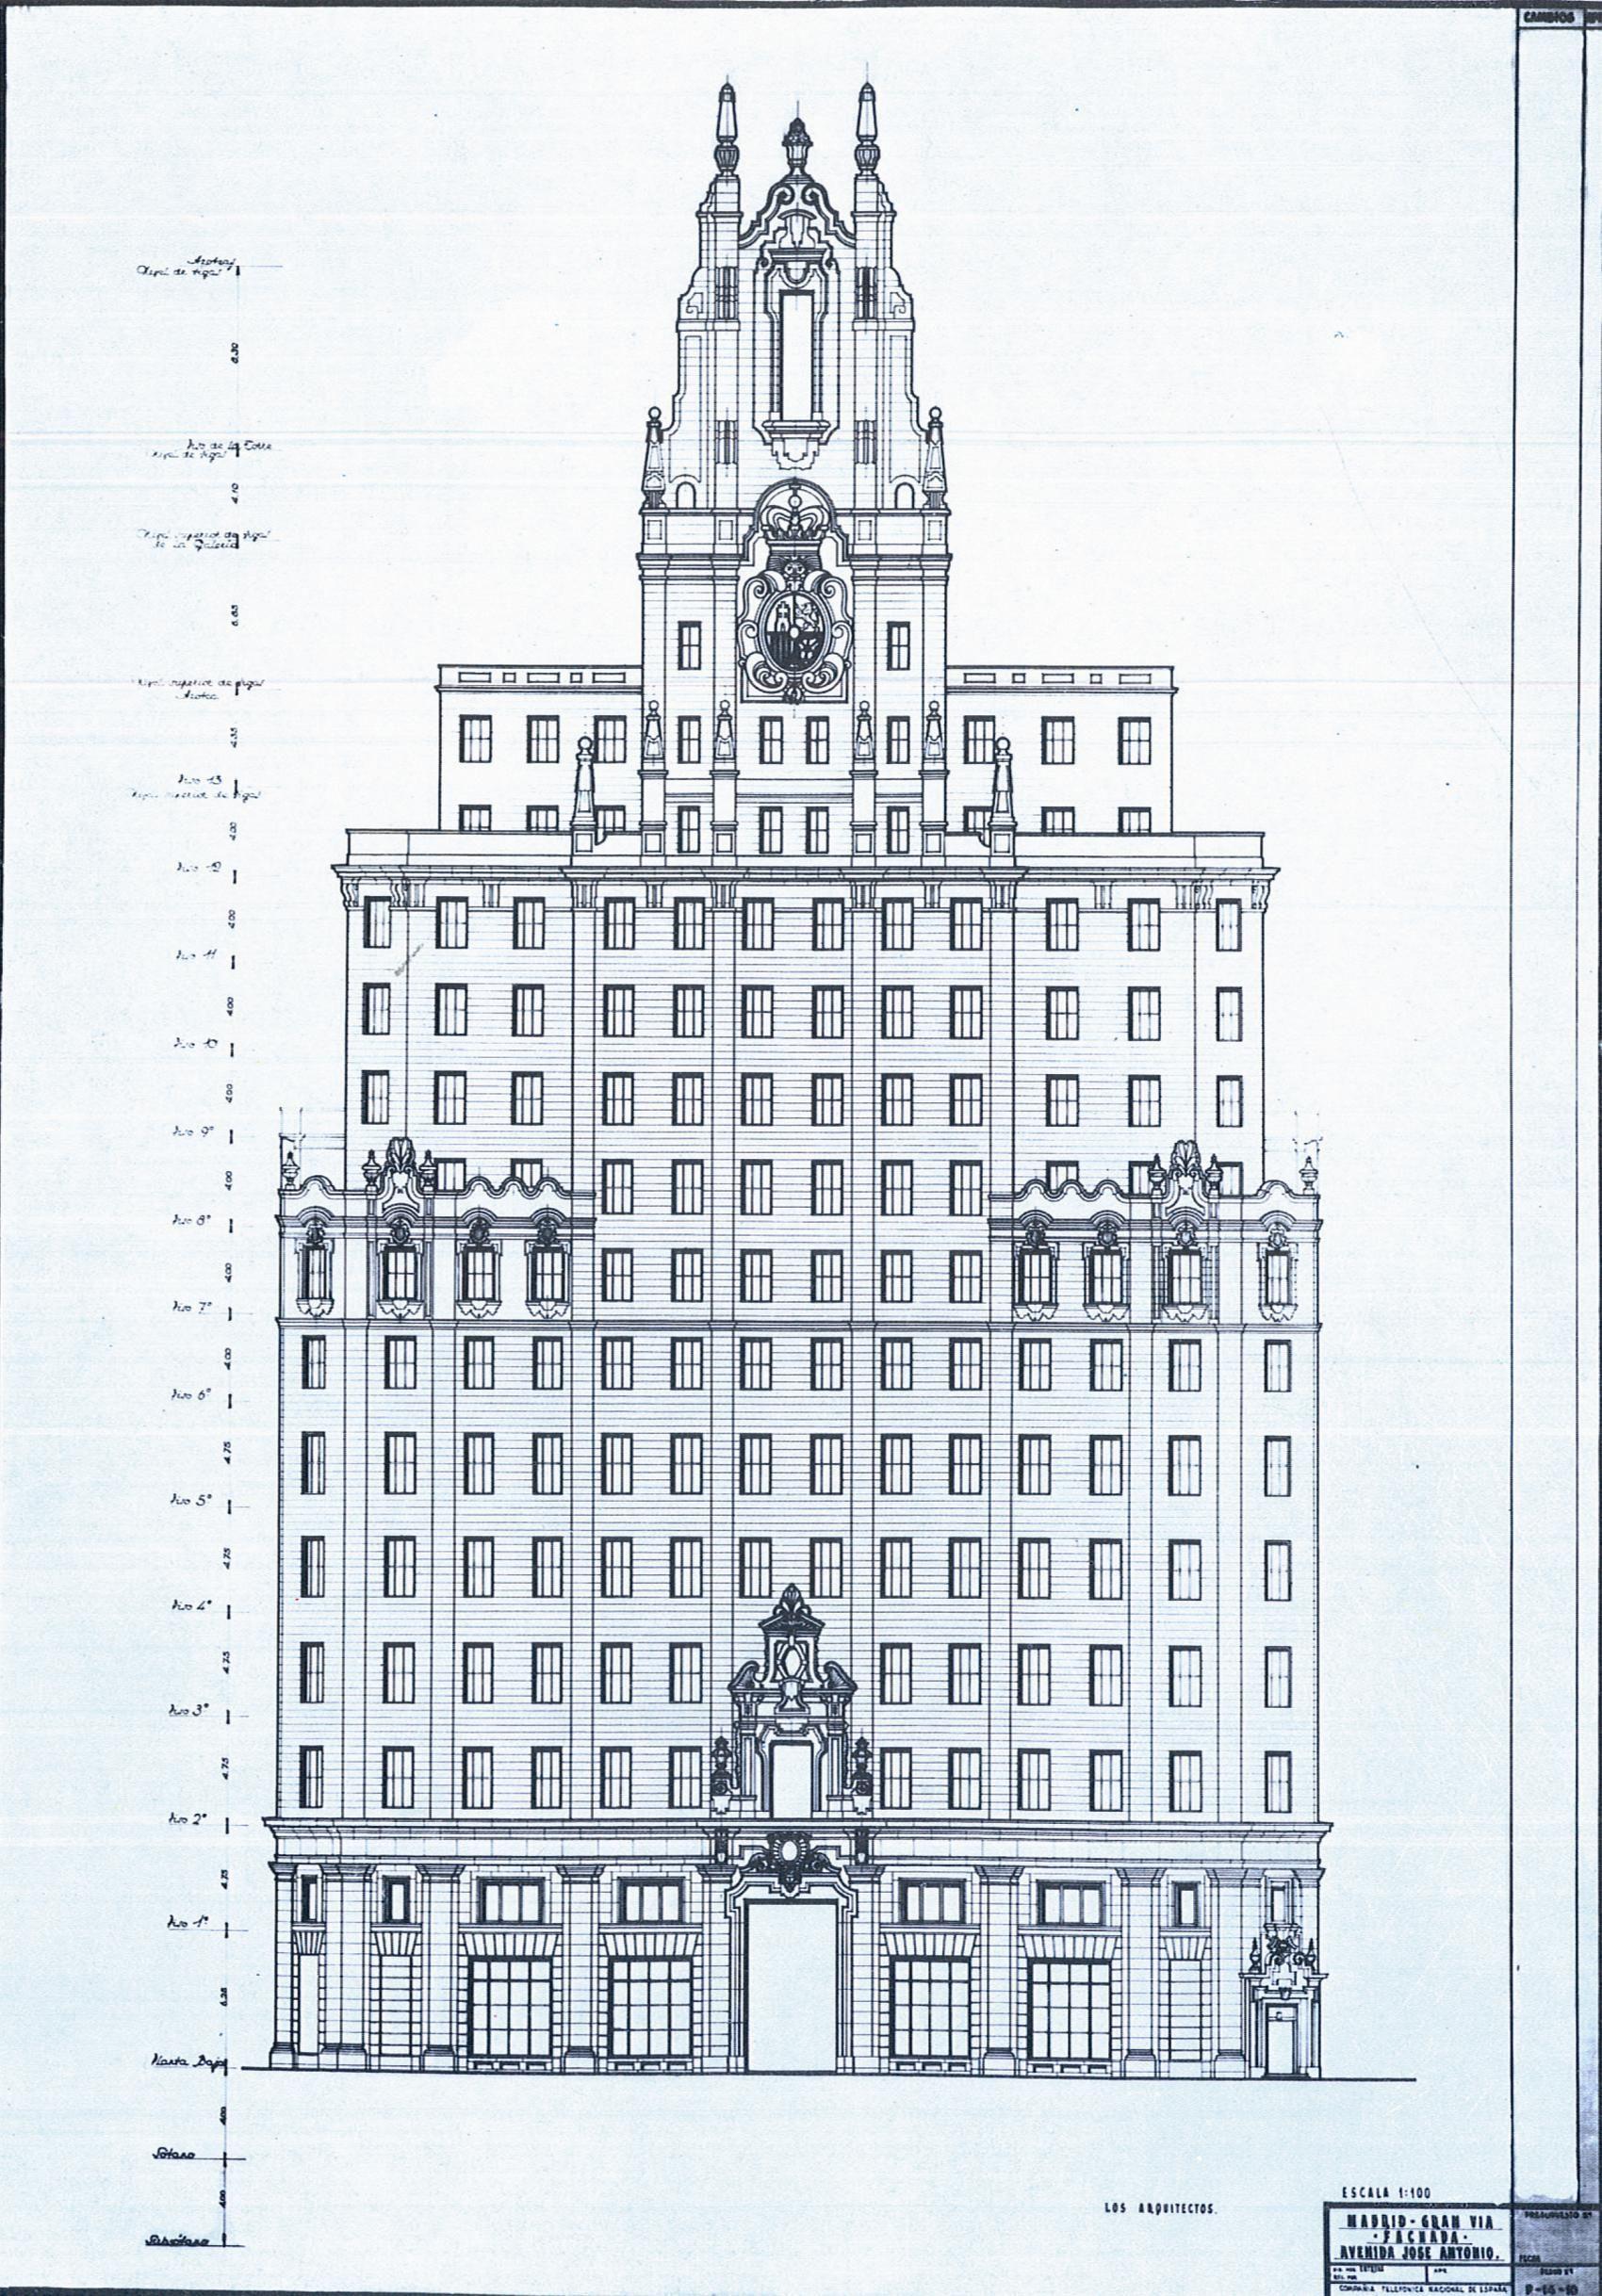 Gran va plano del edificio telefnica arquitectura pinterest gran va plano del edificio telefnica malvernweather Choice Image